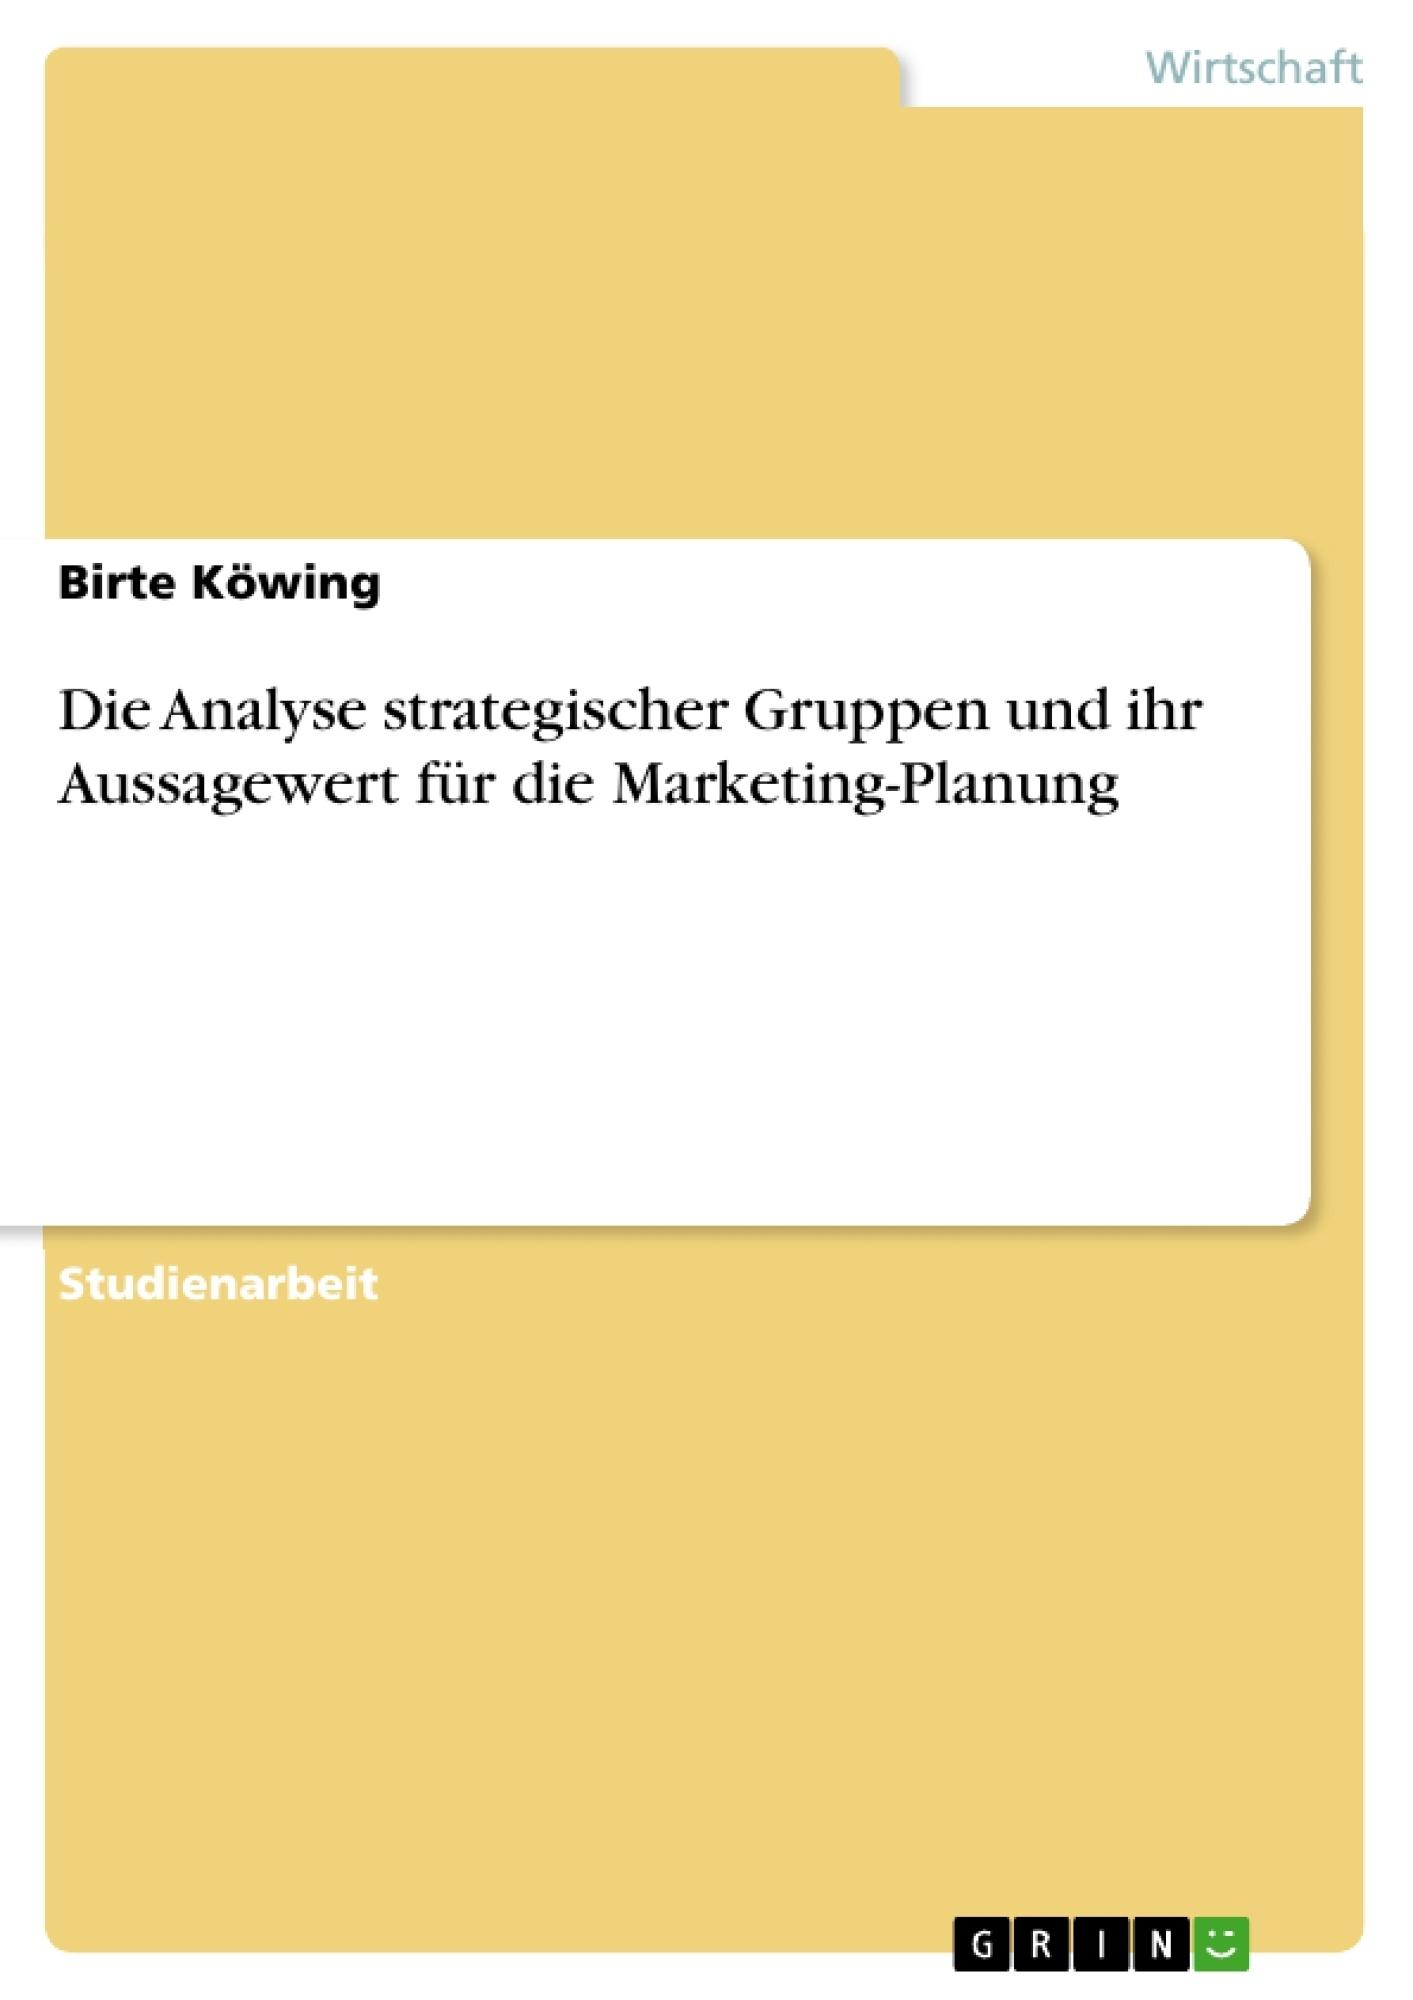 Titel: Die Analyse strategischer Gruppen und ihr Aussagewert für die Marketing-Planung